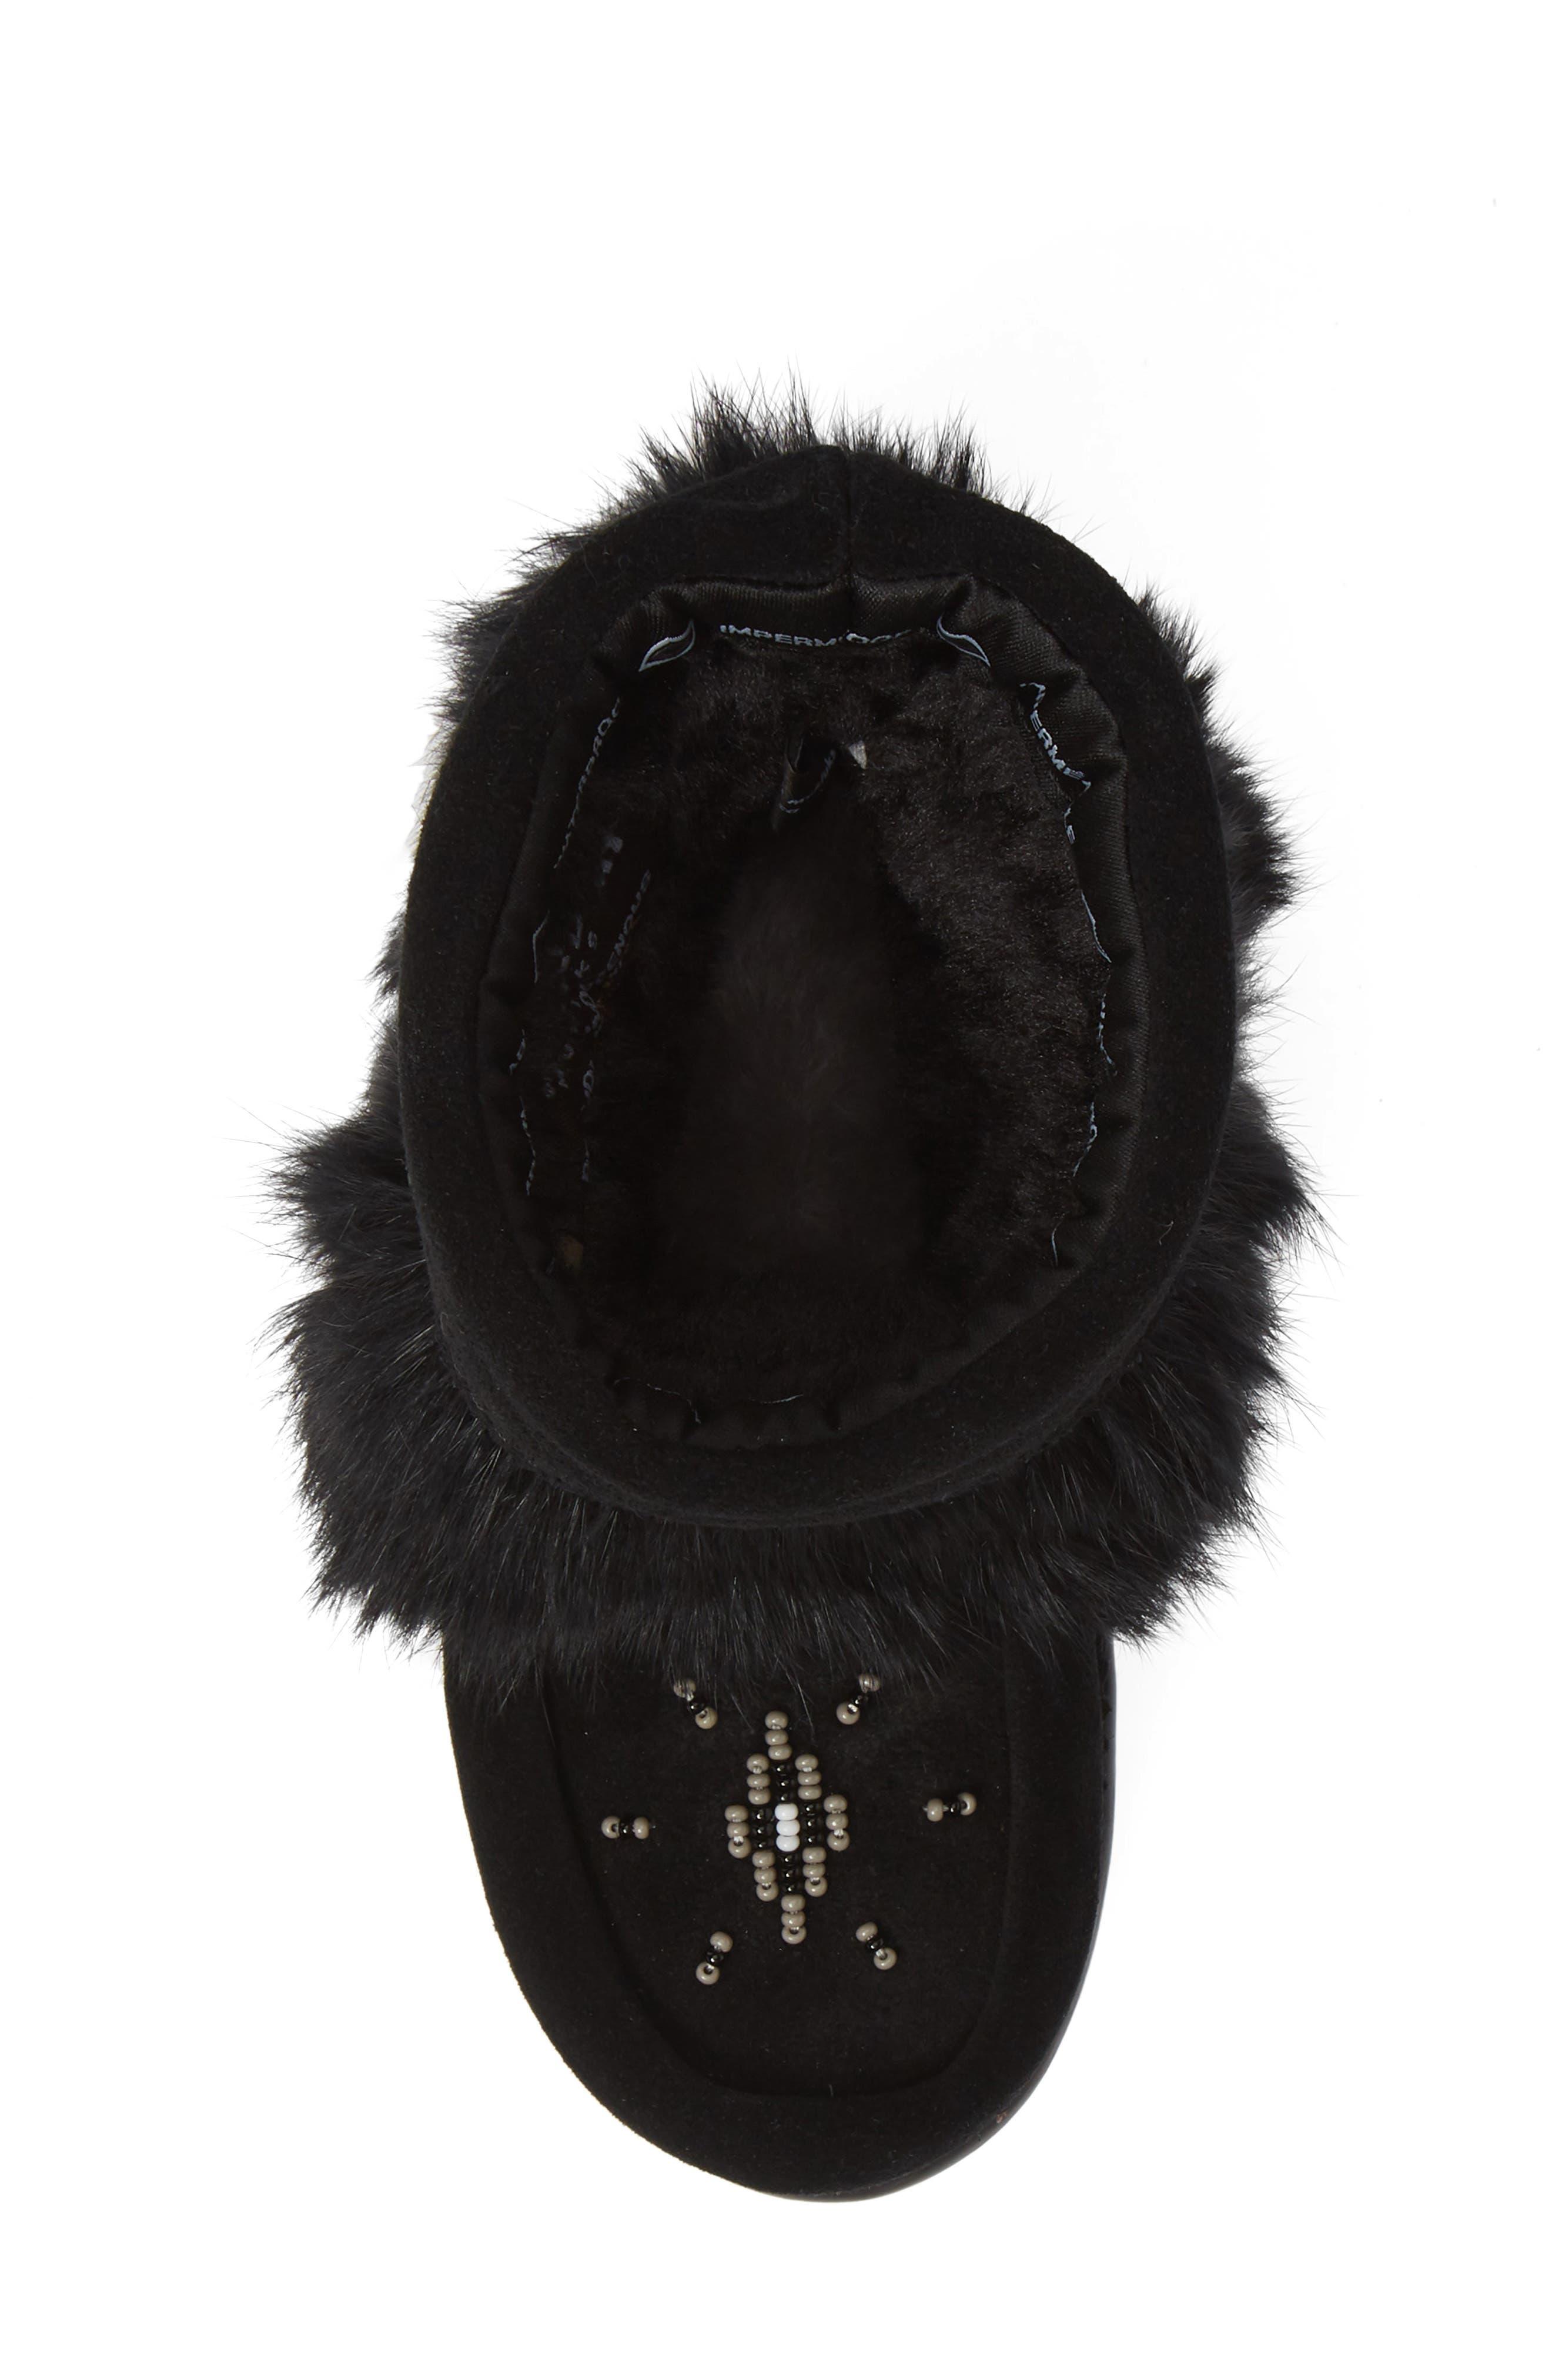 Snowy Owlet Genuine Fur Waterproof Boot,                             Alternate thumbnail 5, color,                             BLACK